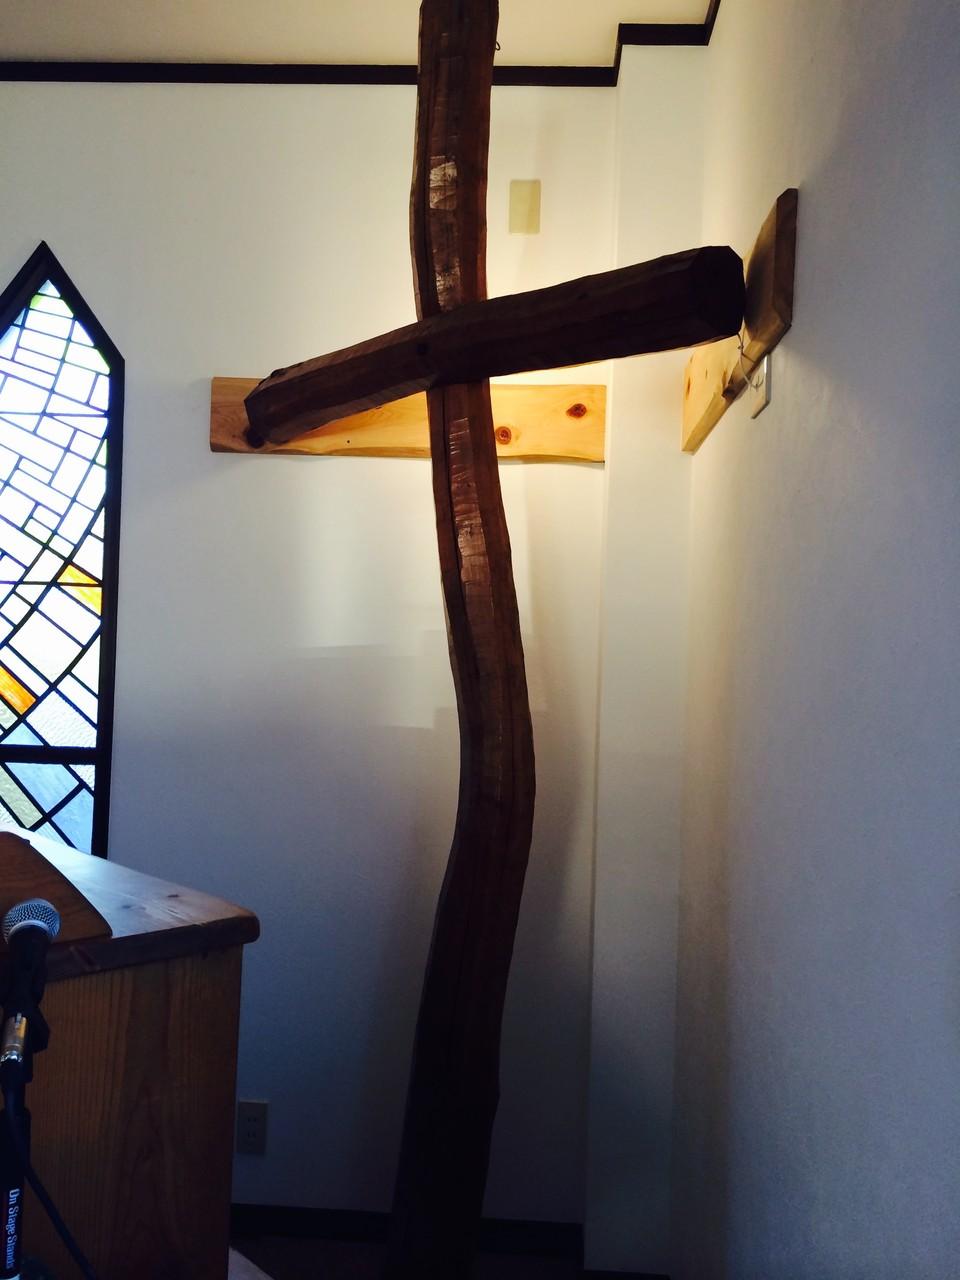 十字架。横から。前任の吉持日輪生牧師の父、吉持章牧師が造られた荒削りの十字架です。